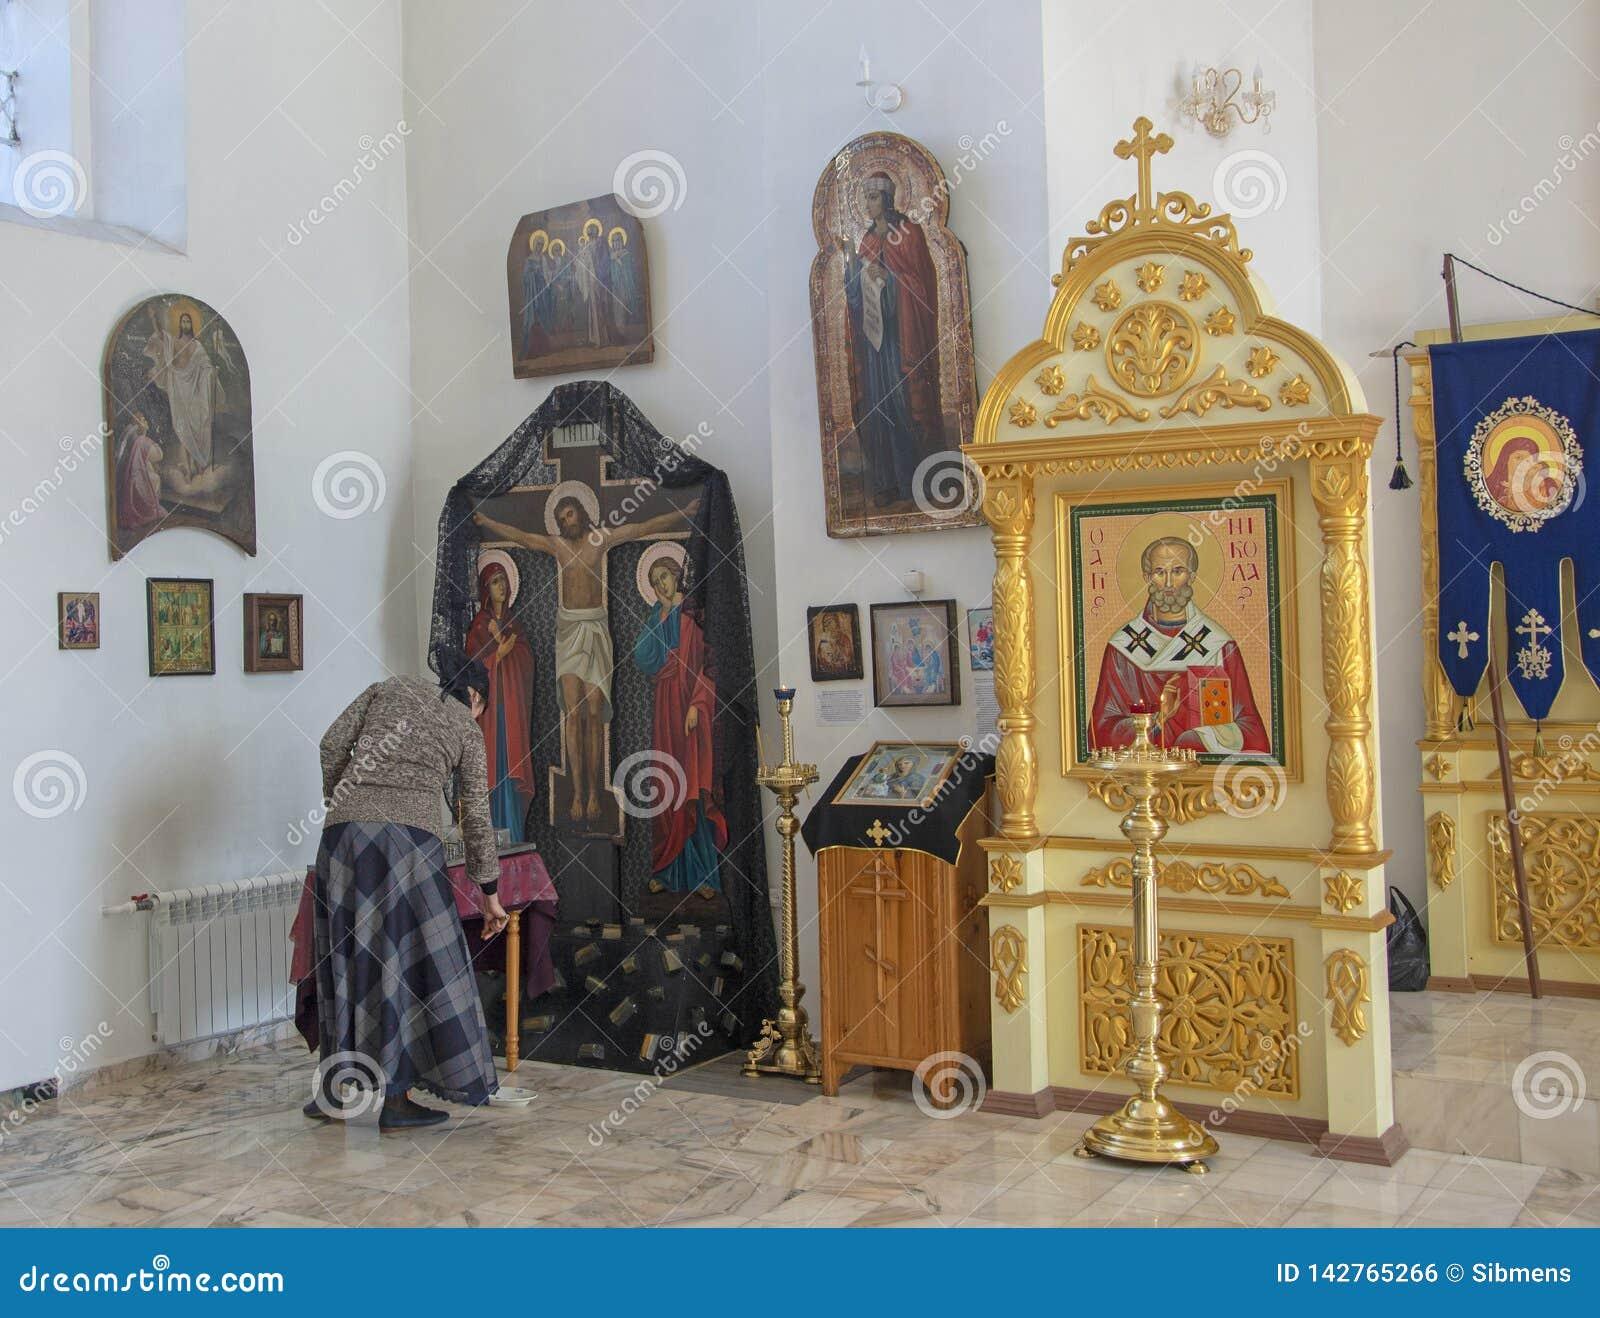 El interior de una pequeña iglesia provincial, la decoración interior Iconos, rezos Rusia